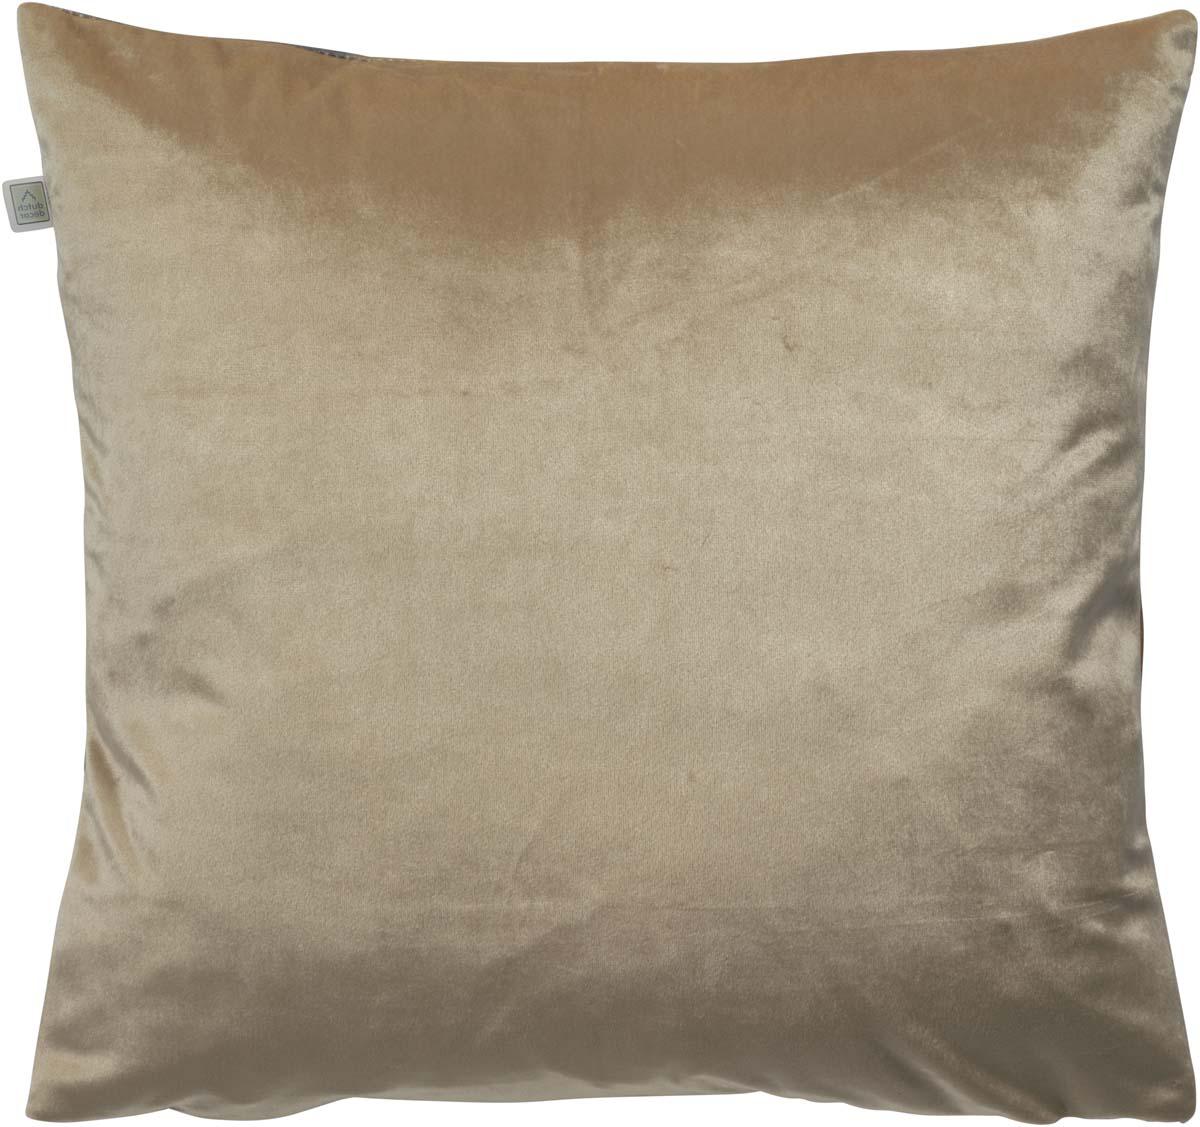 CHANDO - Sierkussen goud 45x45 cm